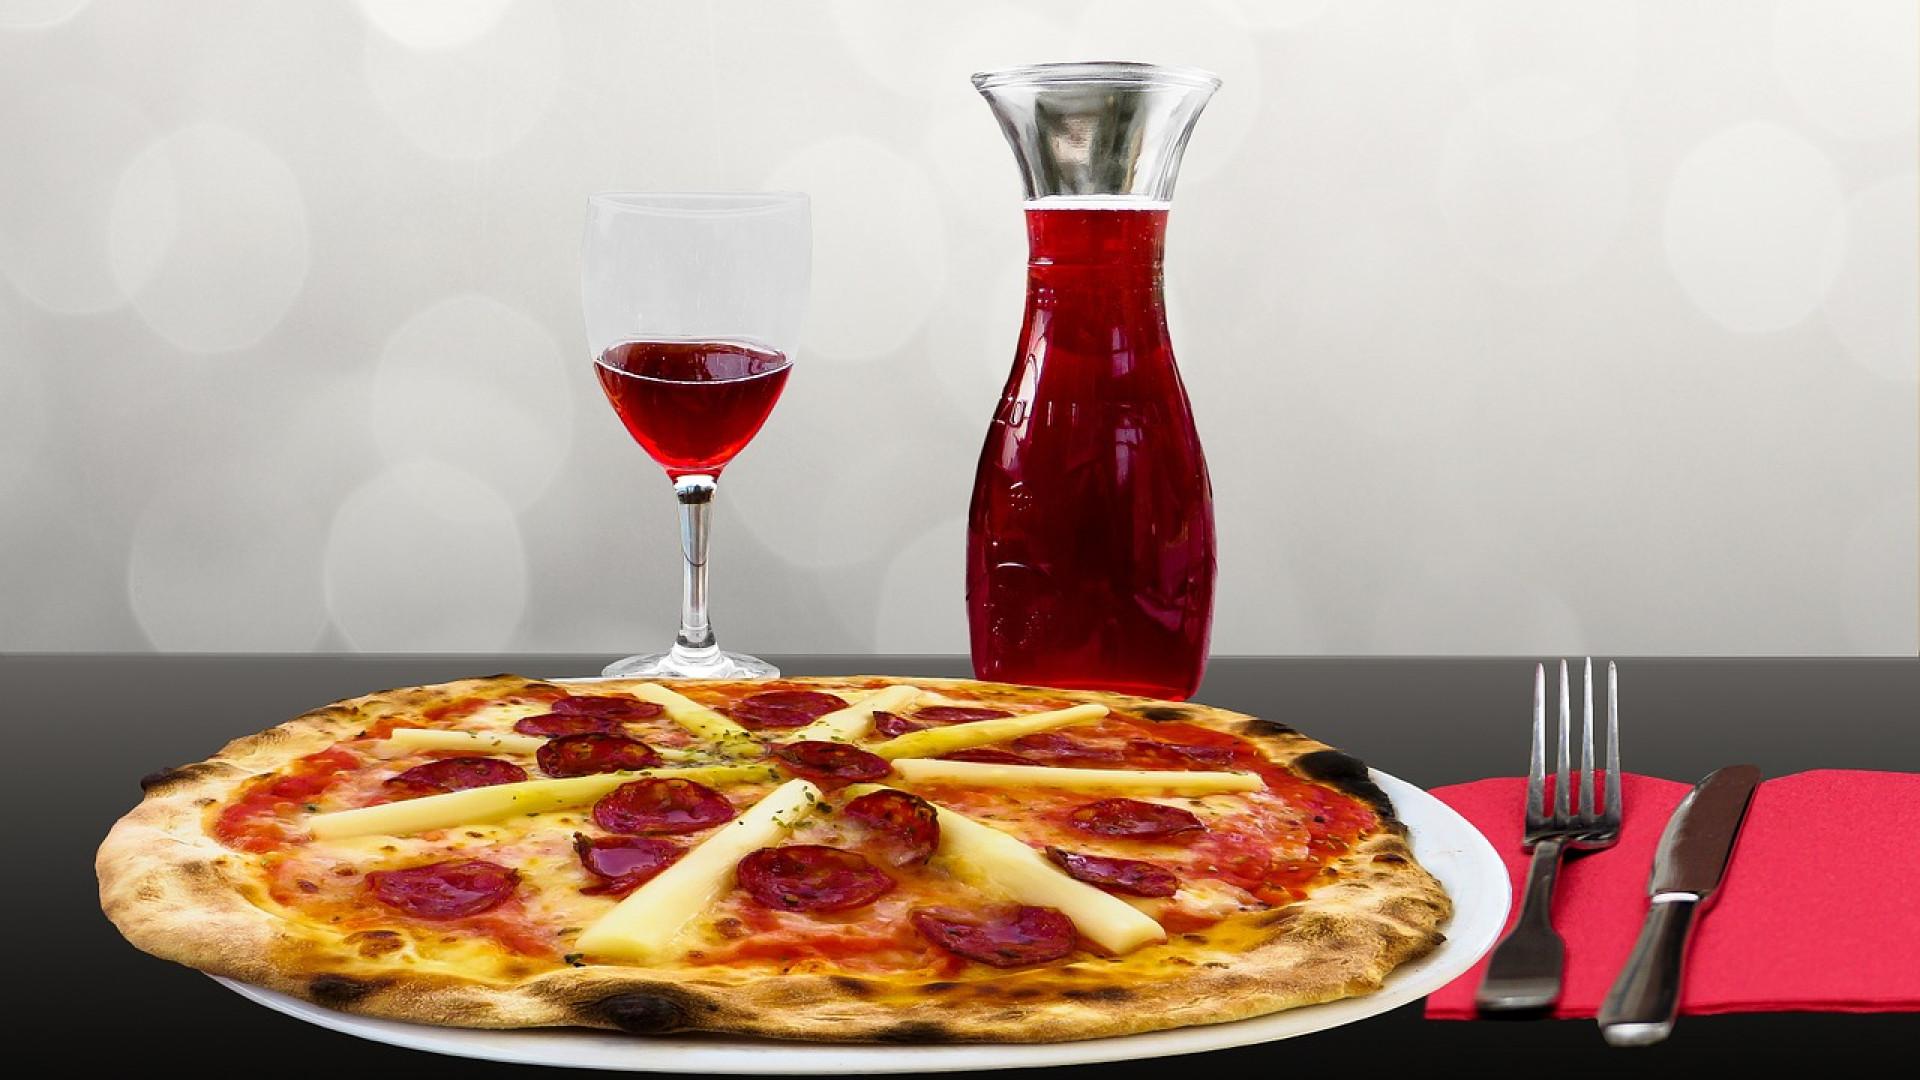 Pizzas : top 5 des recettes les plus populaires